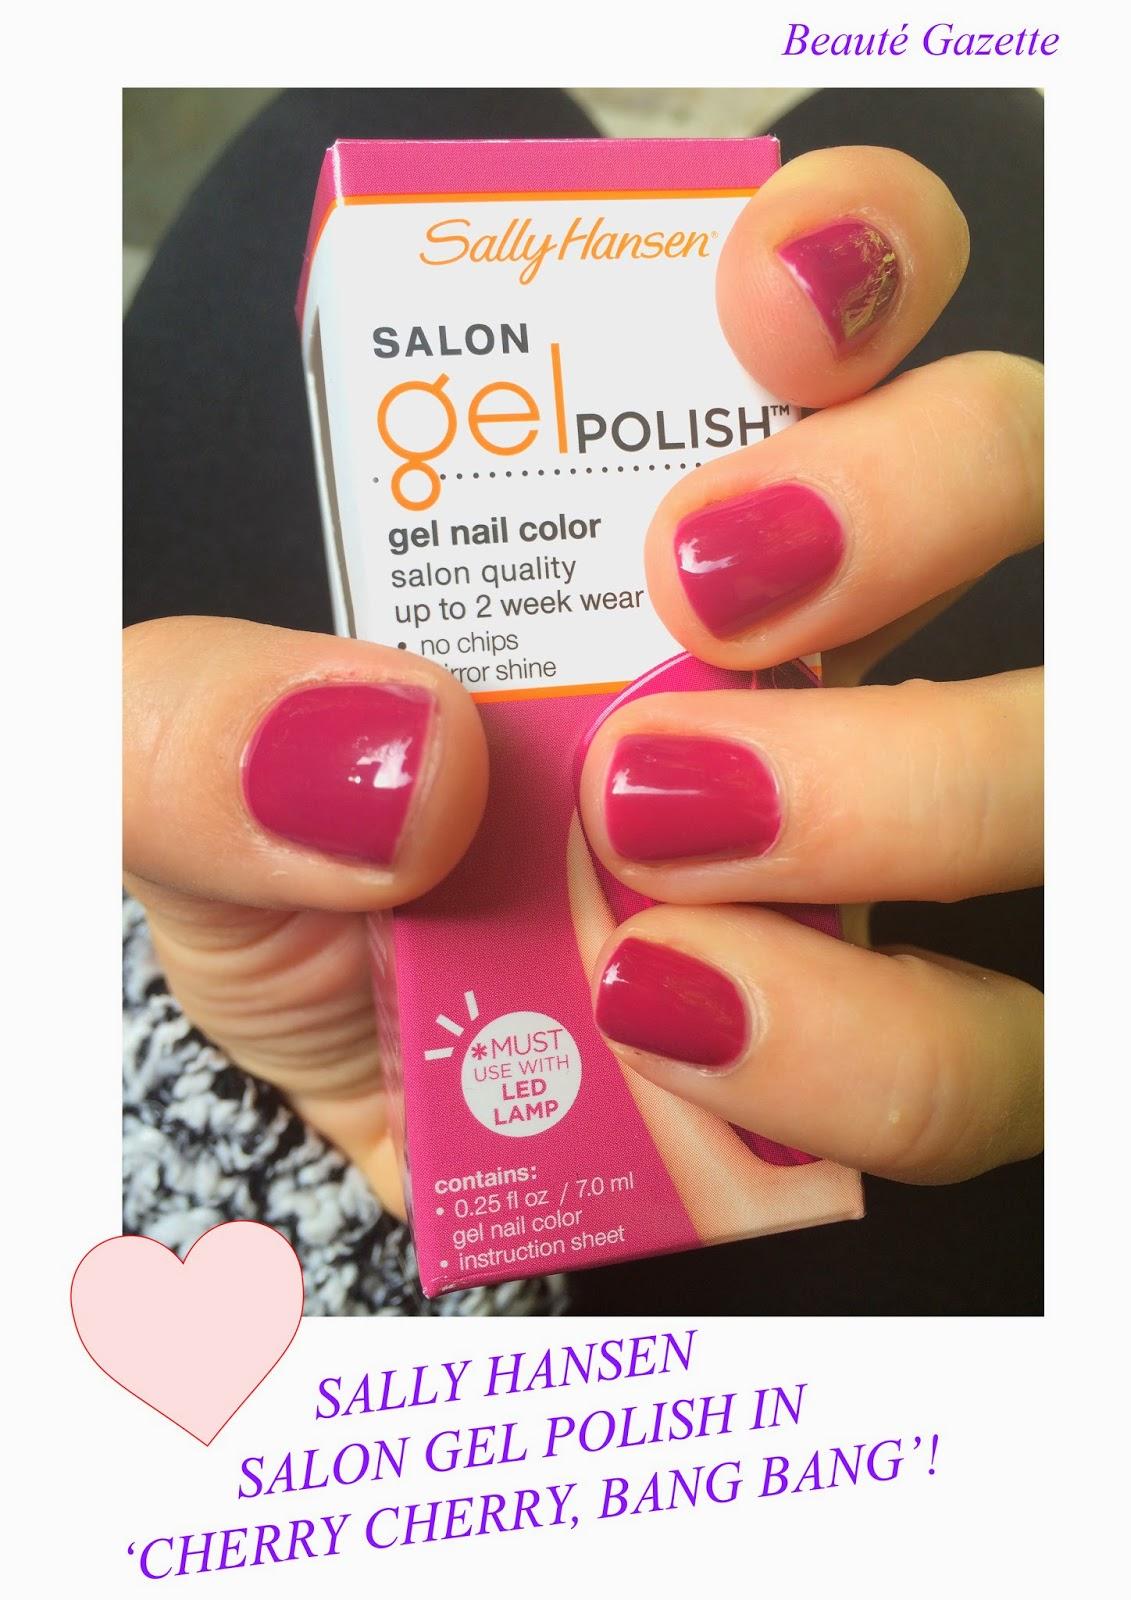 Beauté Gazette: DIY Gel Nails : Sally Hansen Salon Gel